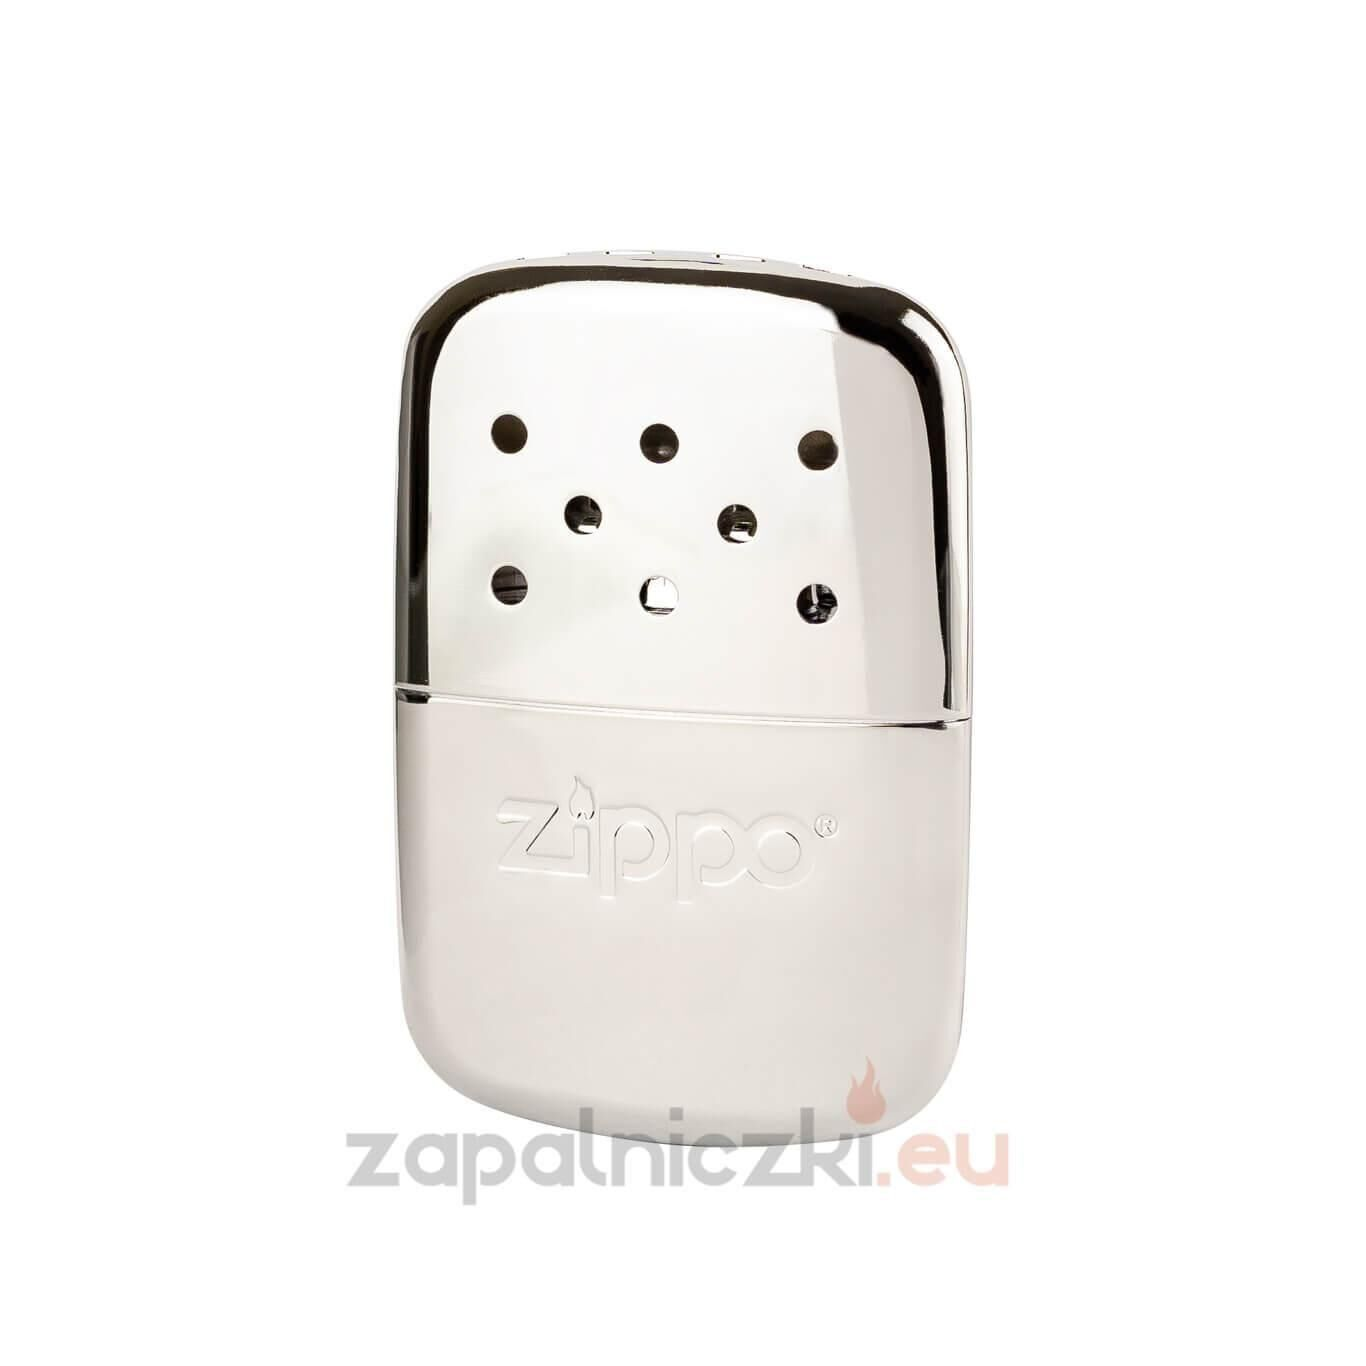 Ogrzewacz Zippo 40323 Hand Warmer